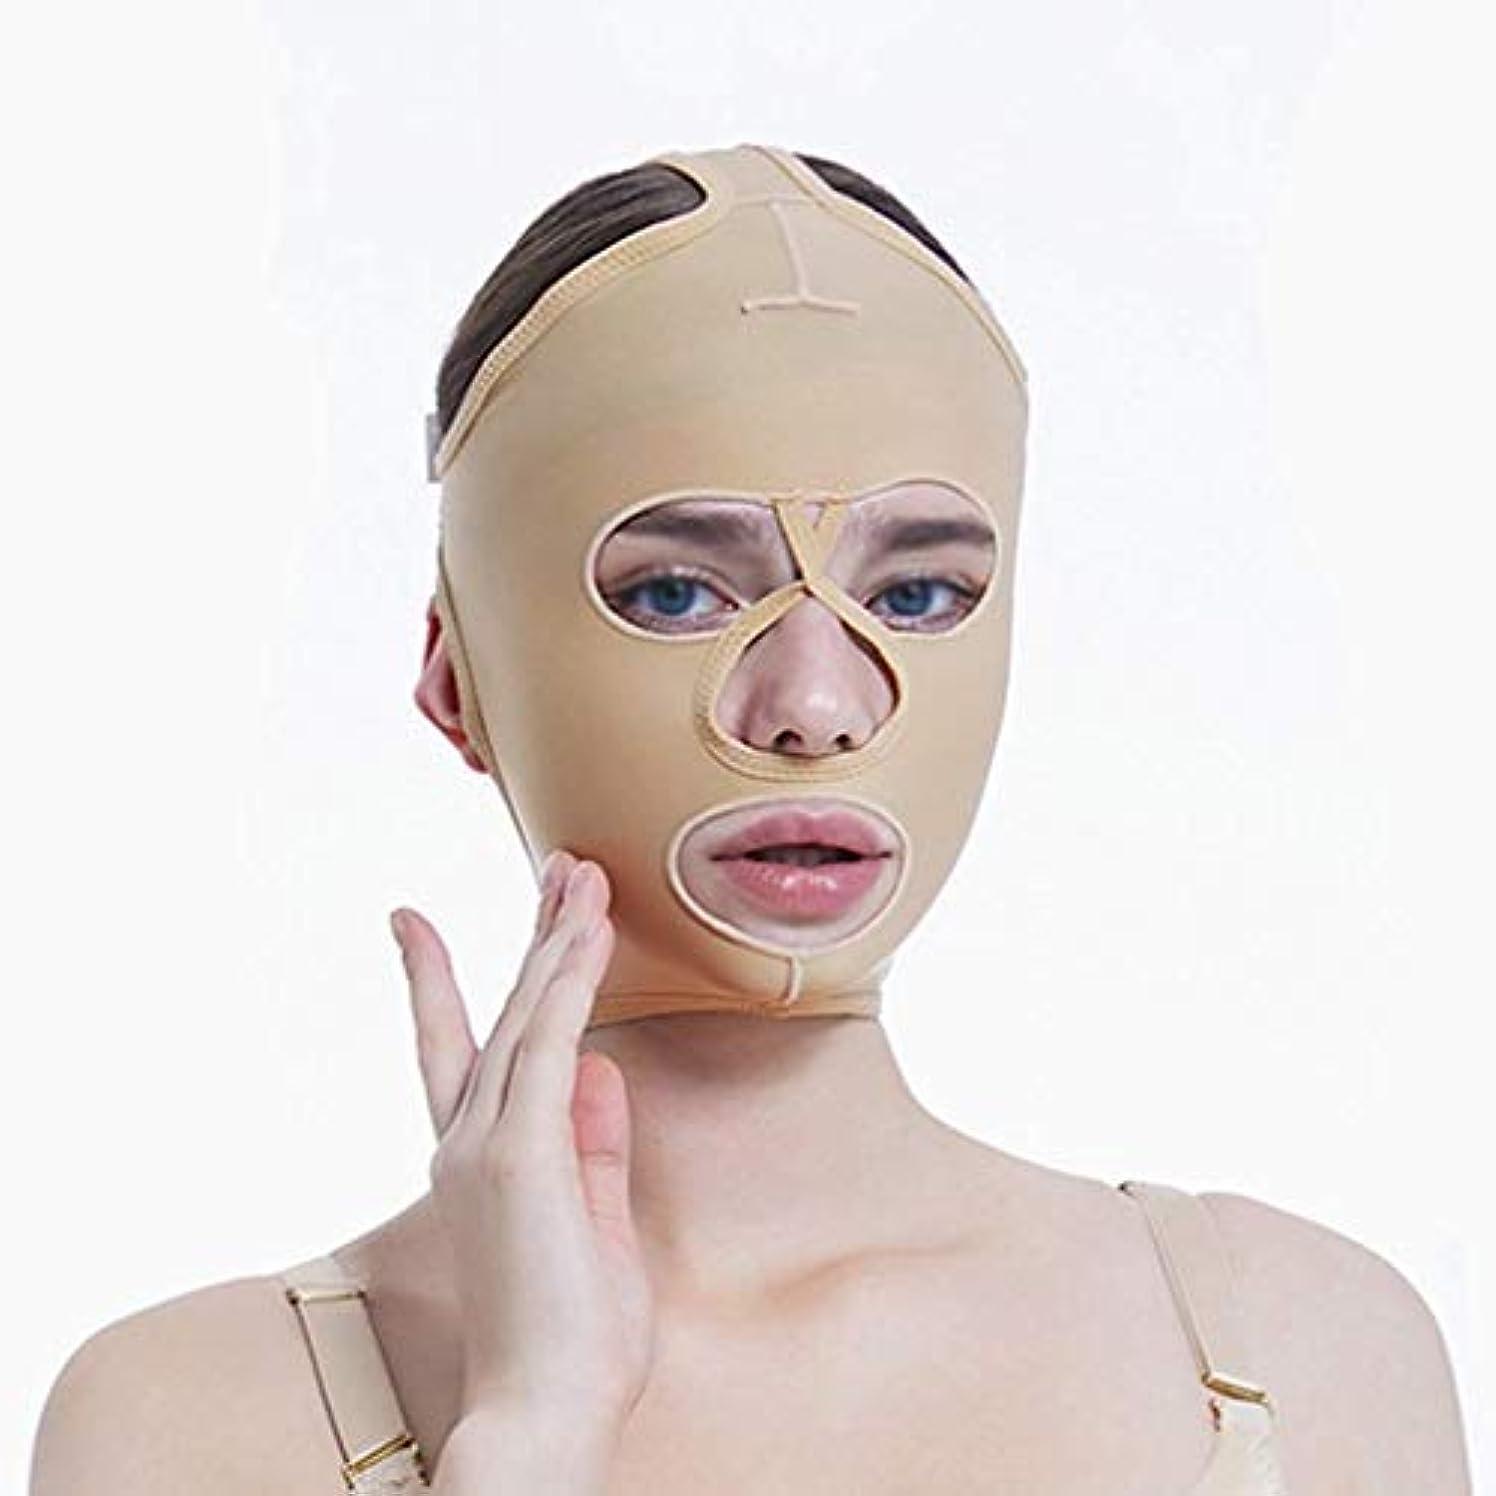 クラック記憶に残るヒュームチンリフティングベルト、超薄型ベルト、引き締めマスク、包帯吊り、フェイスリフティングマスク、超薄型ベルト、通気性(サイズ:L),XXL